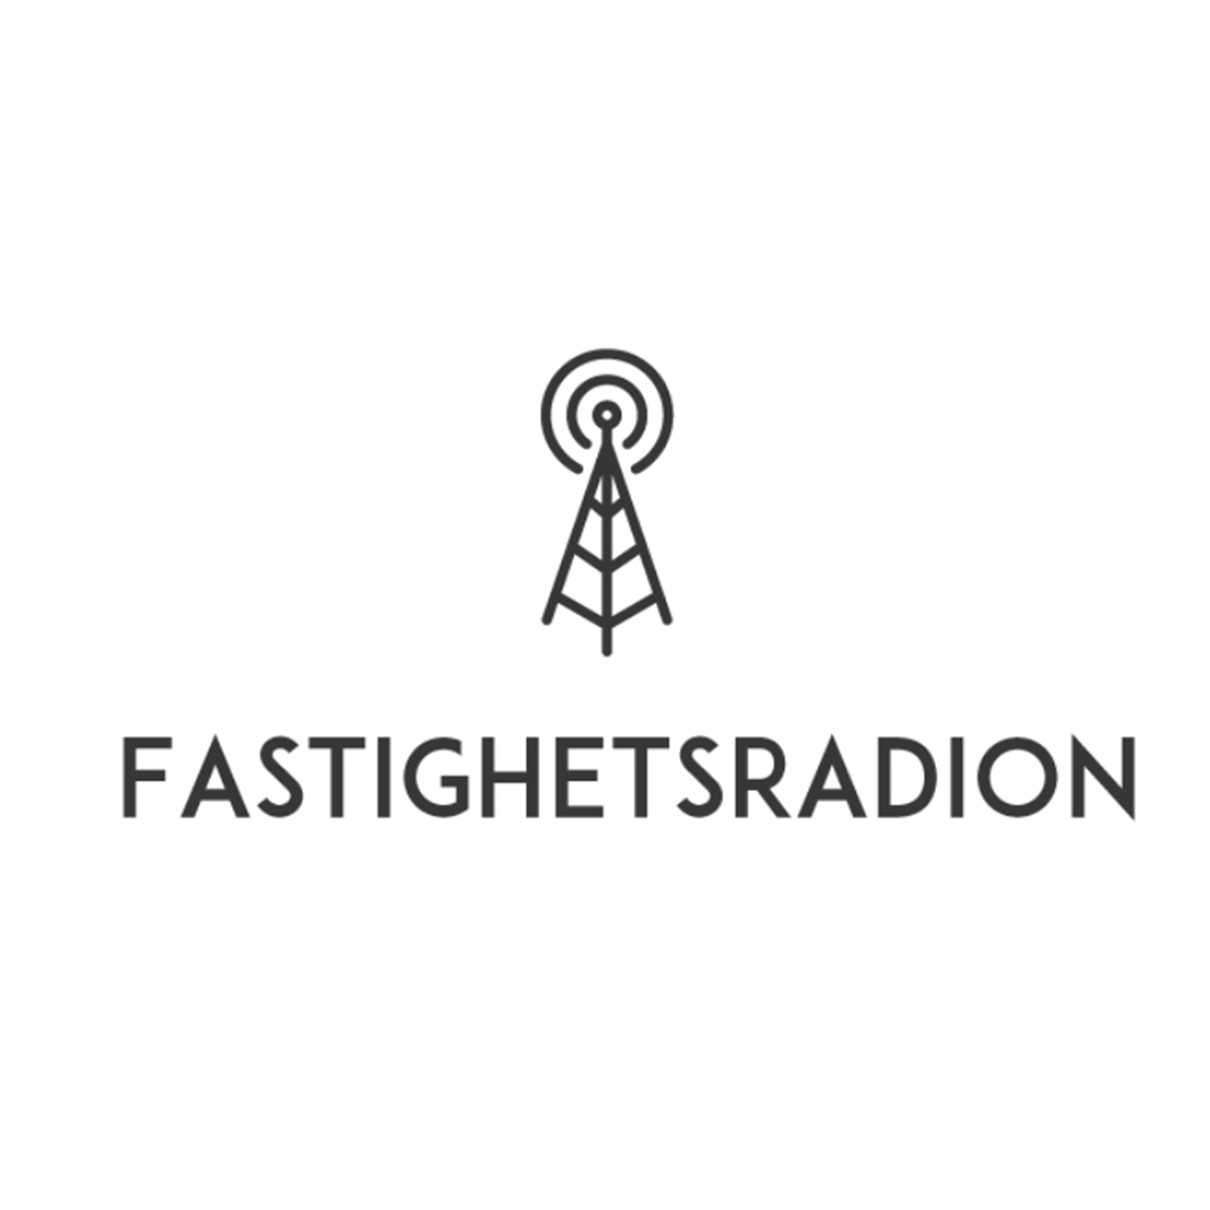 Fastighetsradion